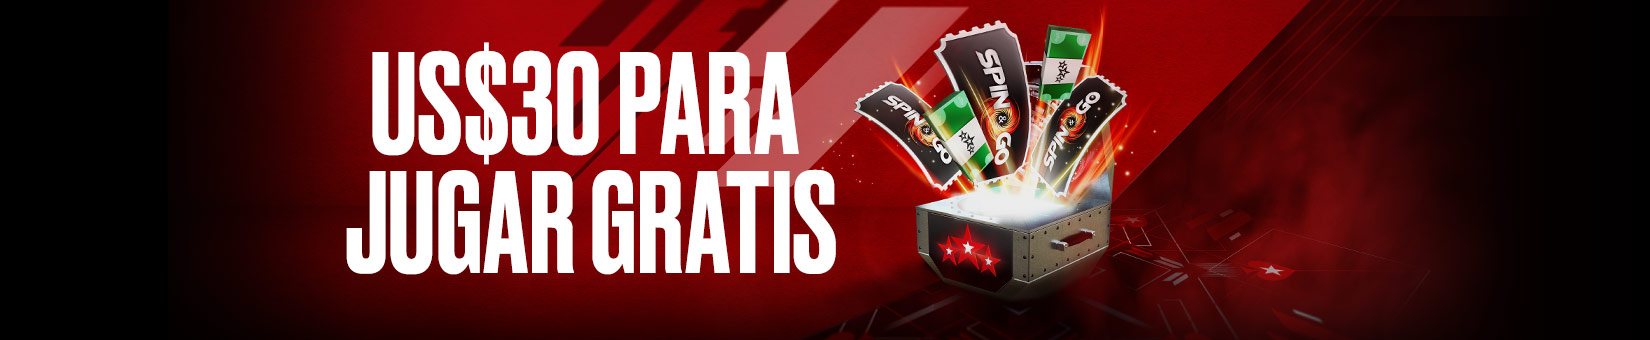 Casino en vivo pokerstars juegos de gratis Porto-992372